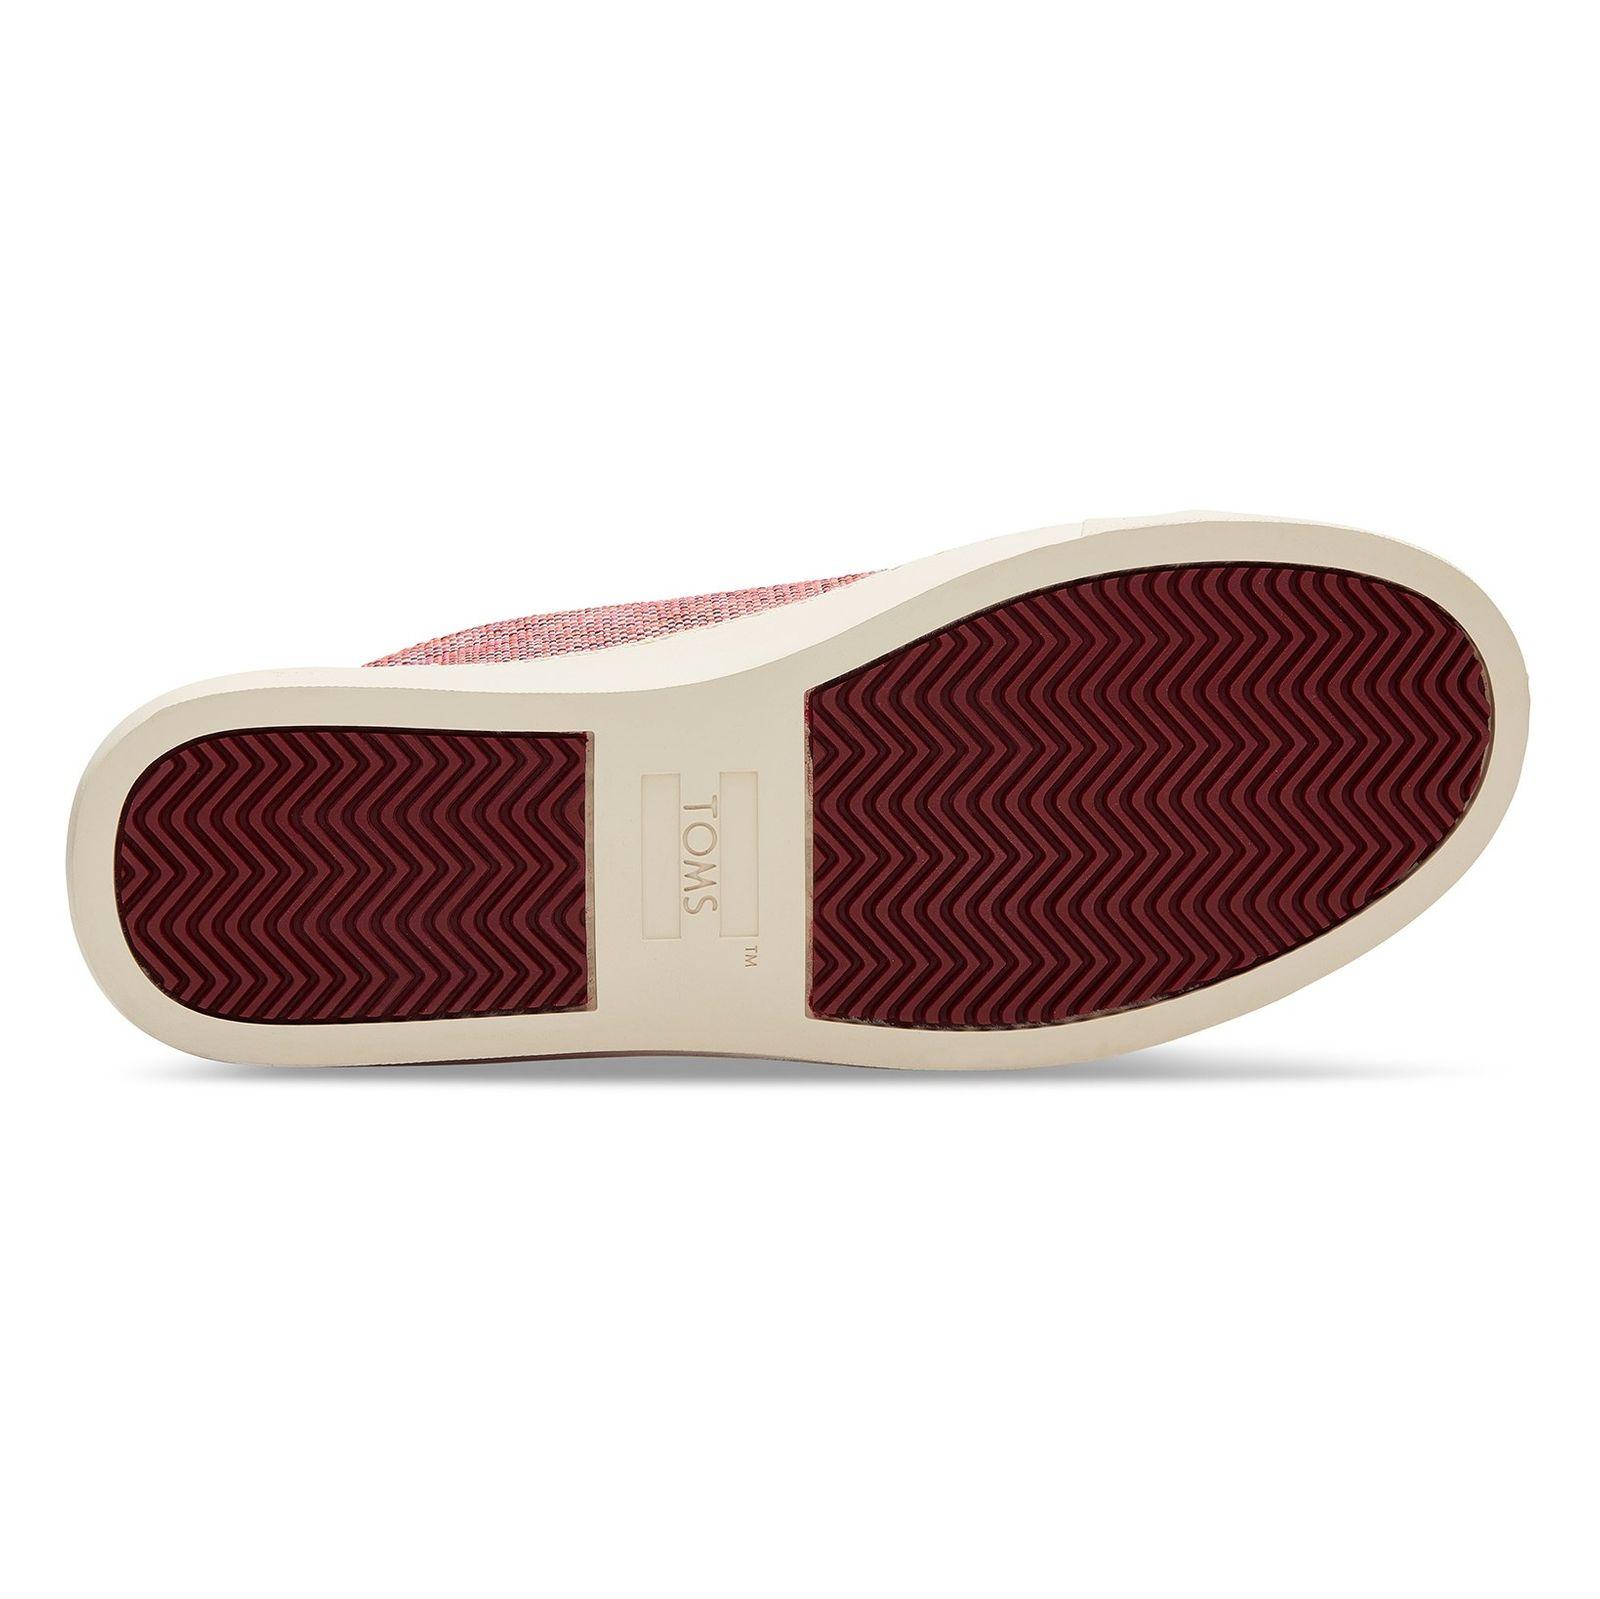 کتانی پارچه ای بندی زنانه - تامز - قرمز - 3